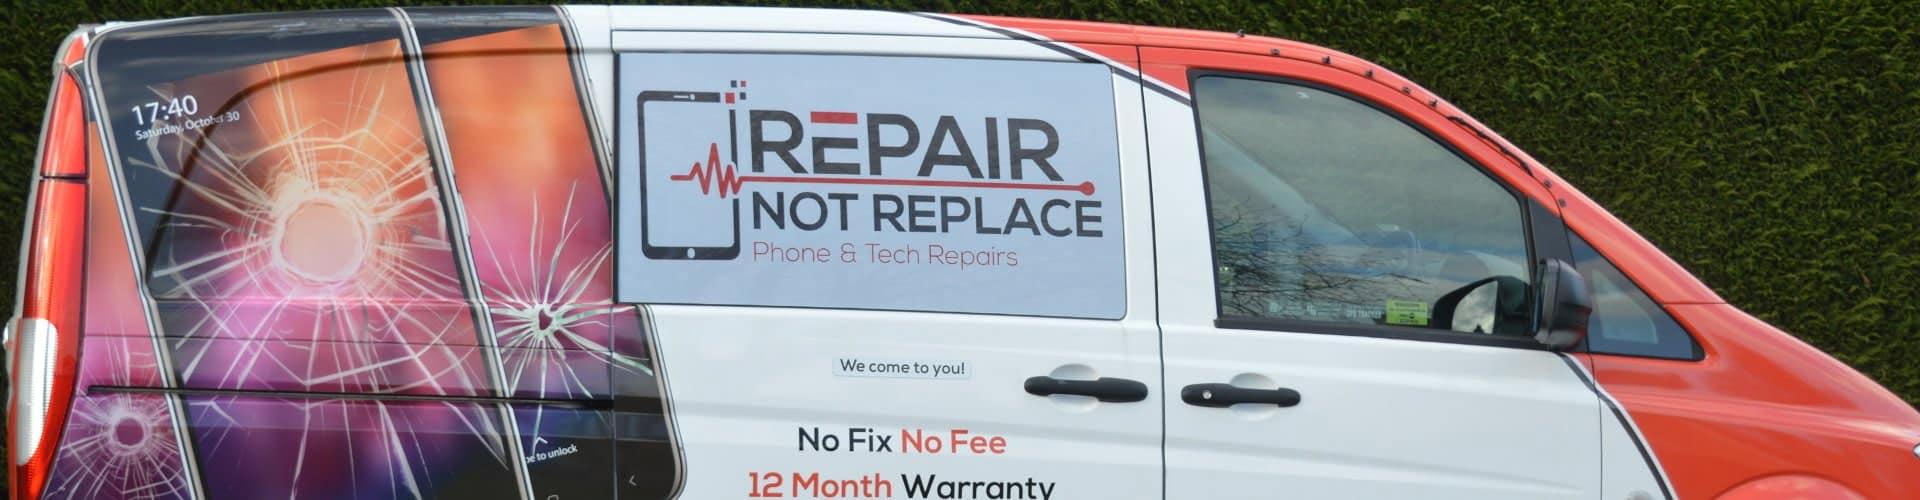 mobile phone repairs northampton, iphone repairs northampton, iphone repairs milton keynes, iphone repairs bedford